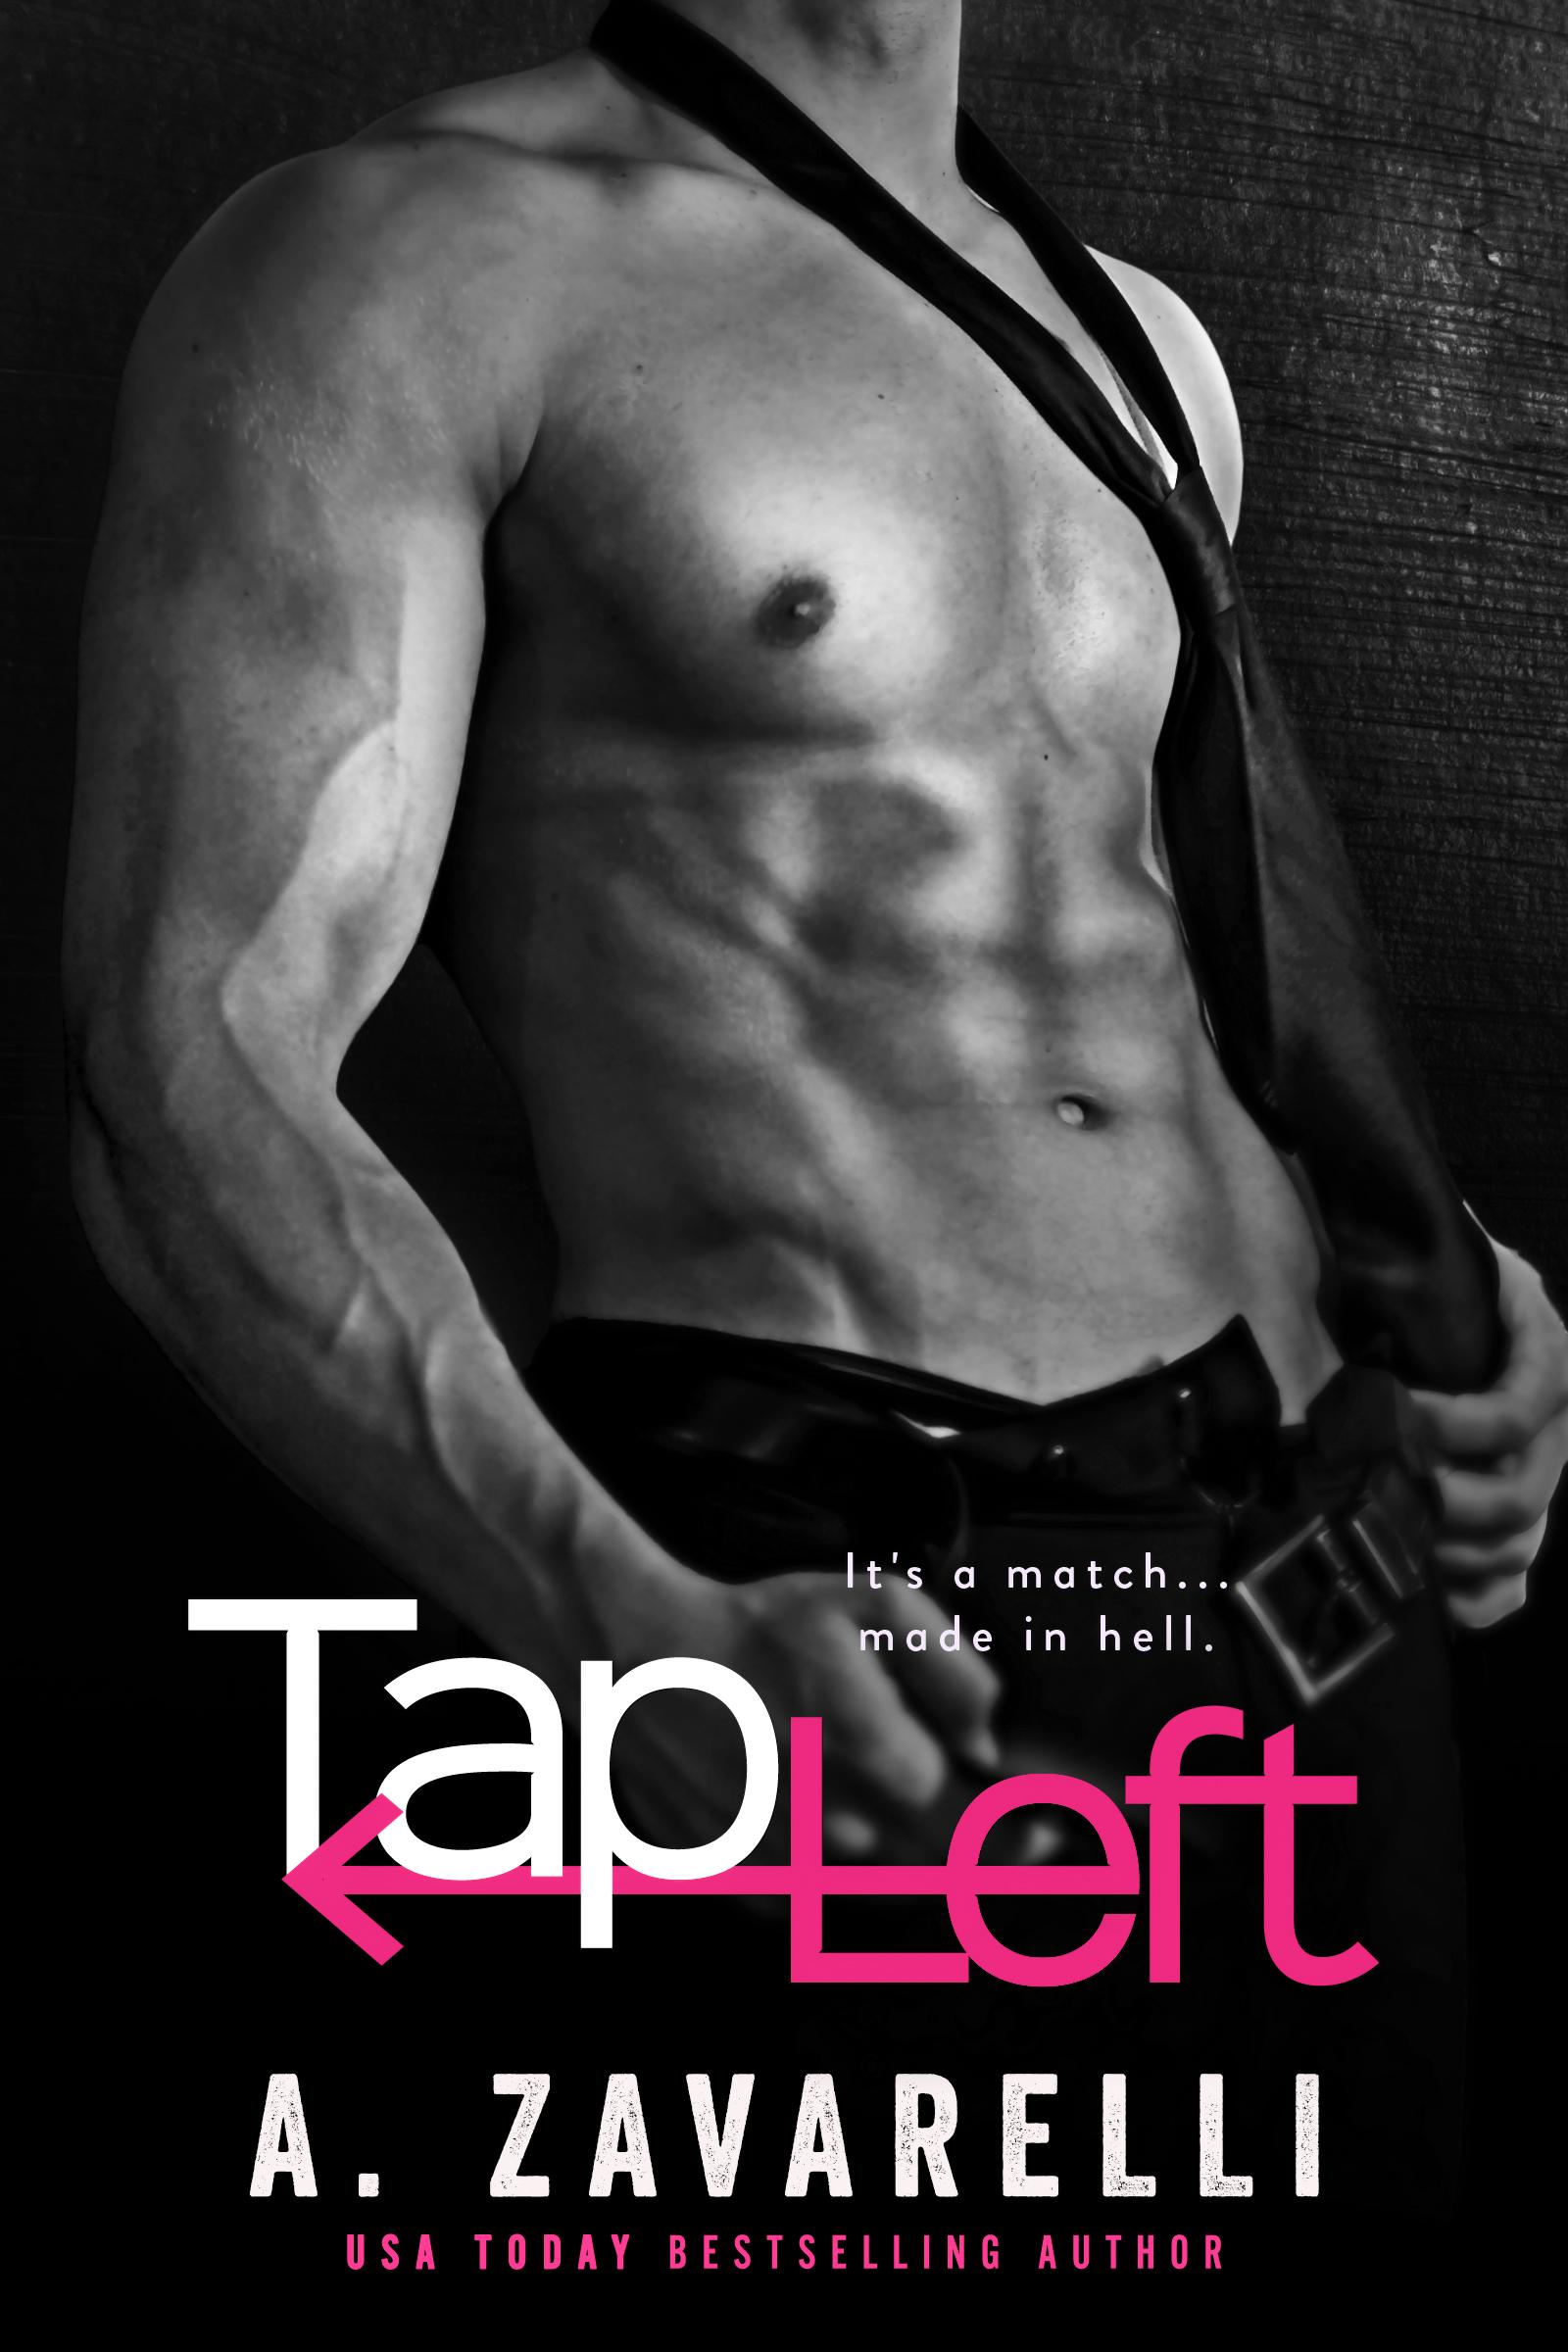 TapLeft